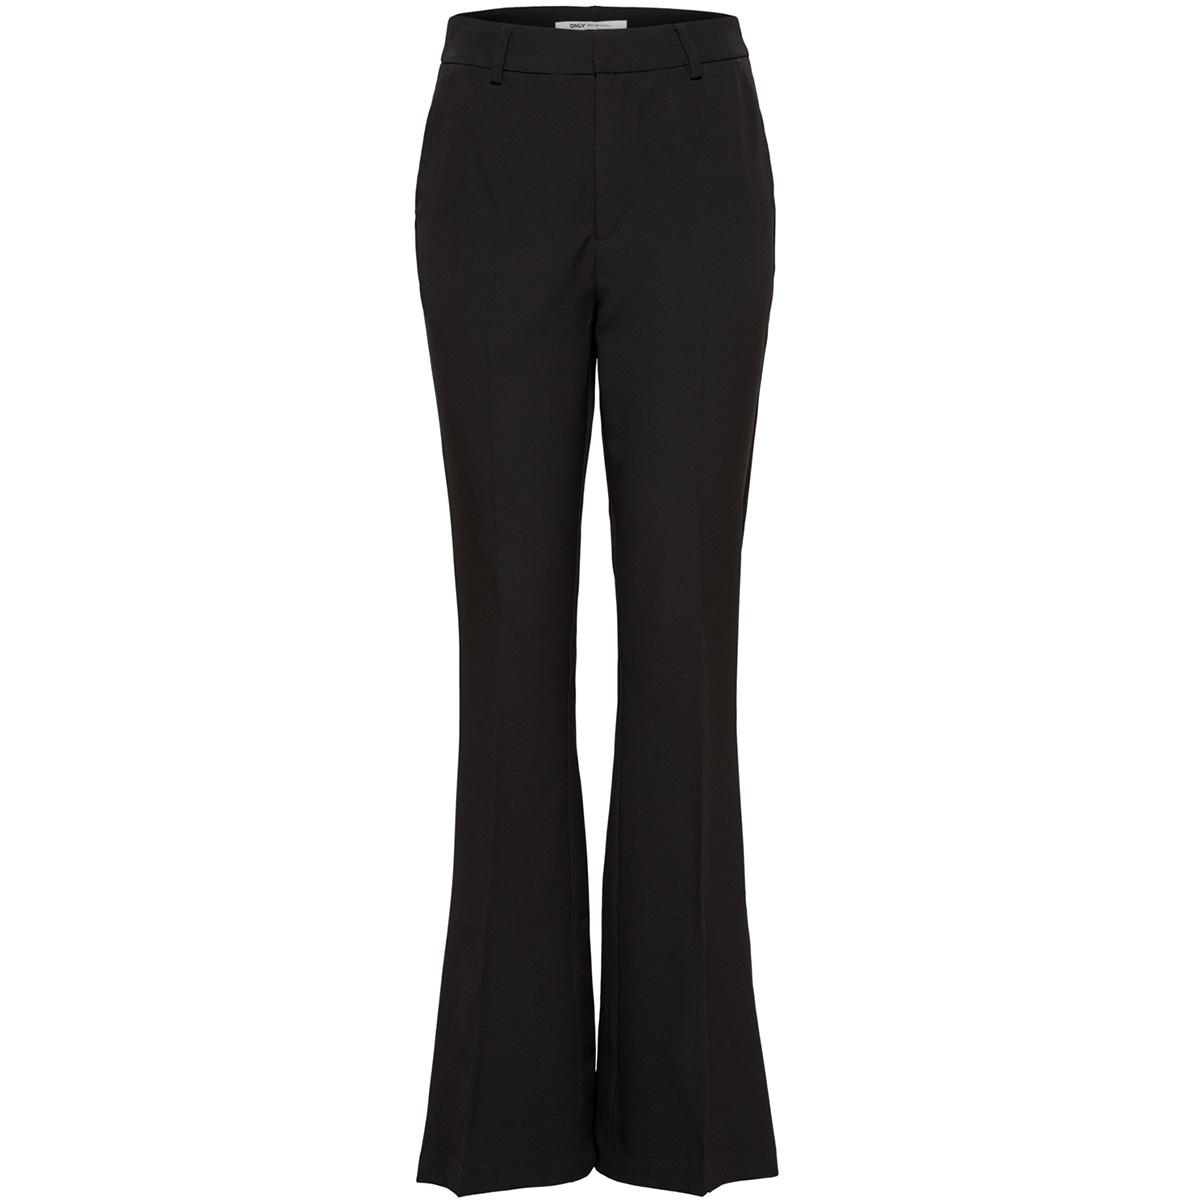 onlcharming hw flare pant pnt 15169715 only broek black